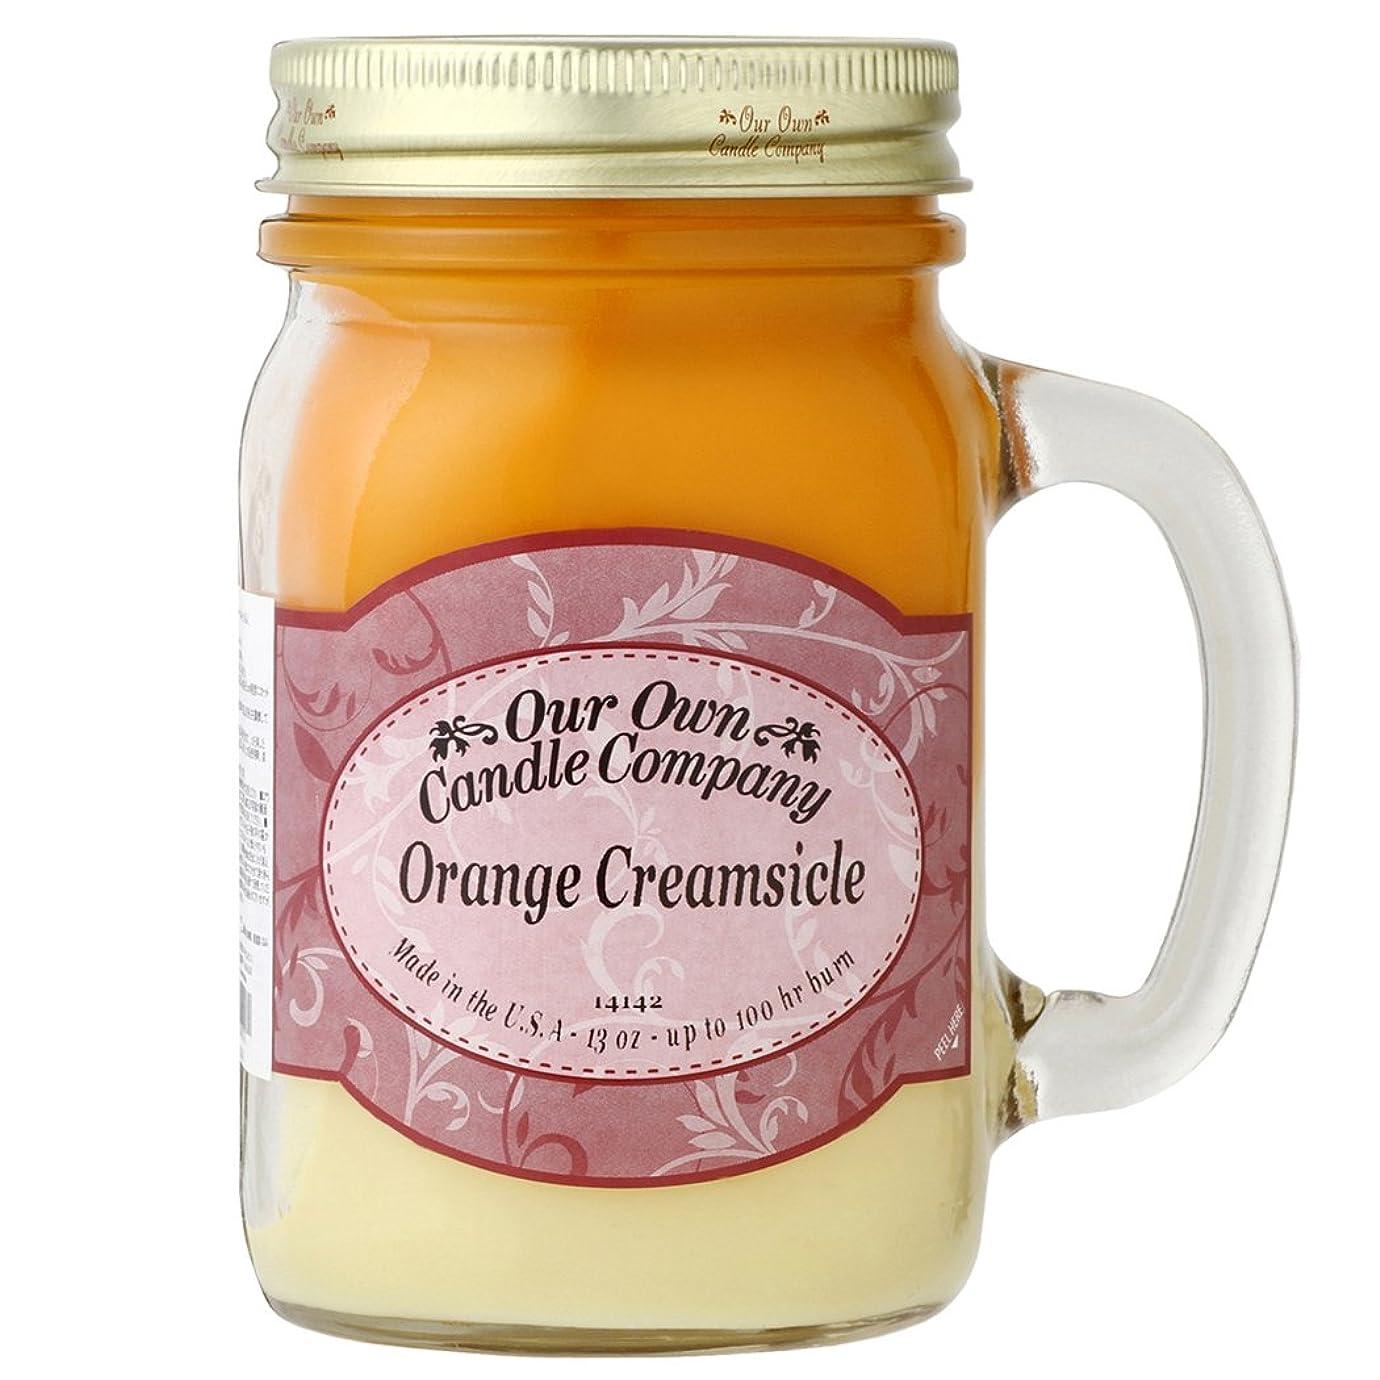 ミッションチョップサーキットに行くOur Own Candle Company メイソンジャーキャンドル ラージサイズ オレンジクリームシルク OU100085